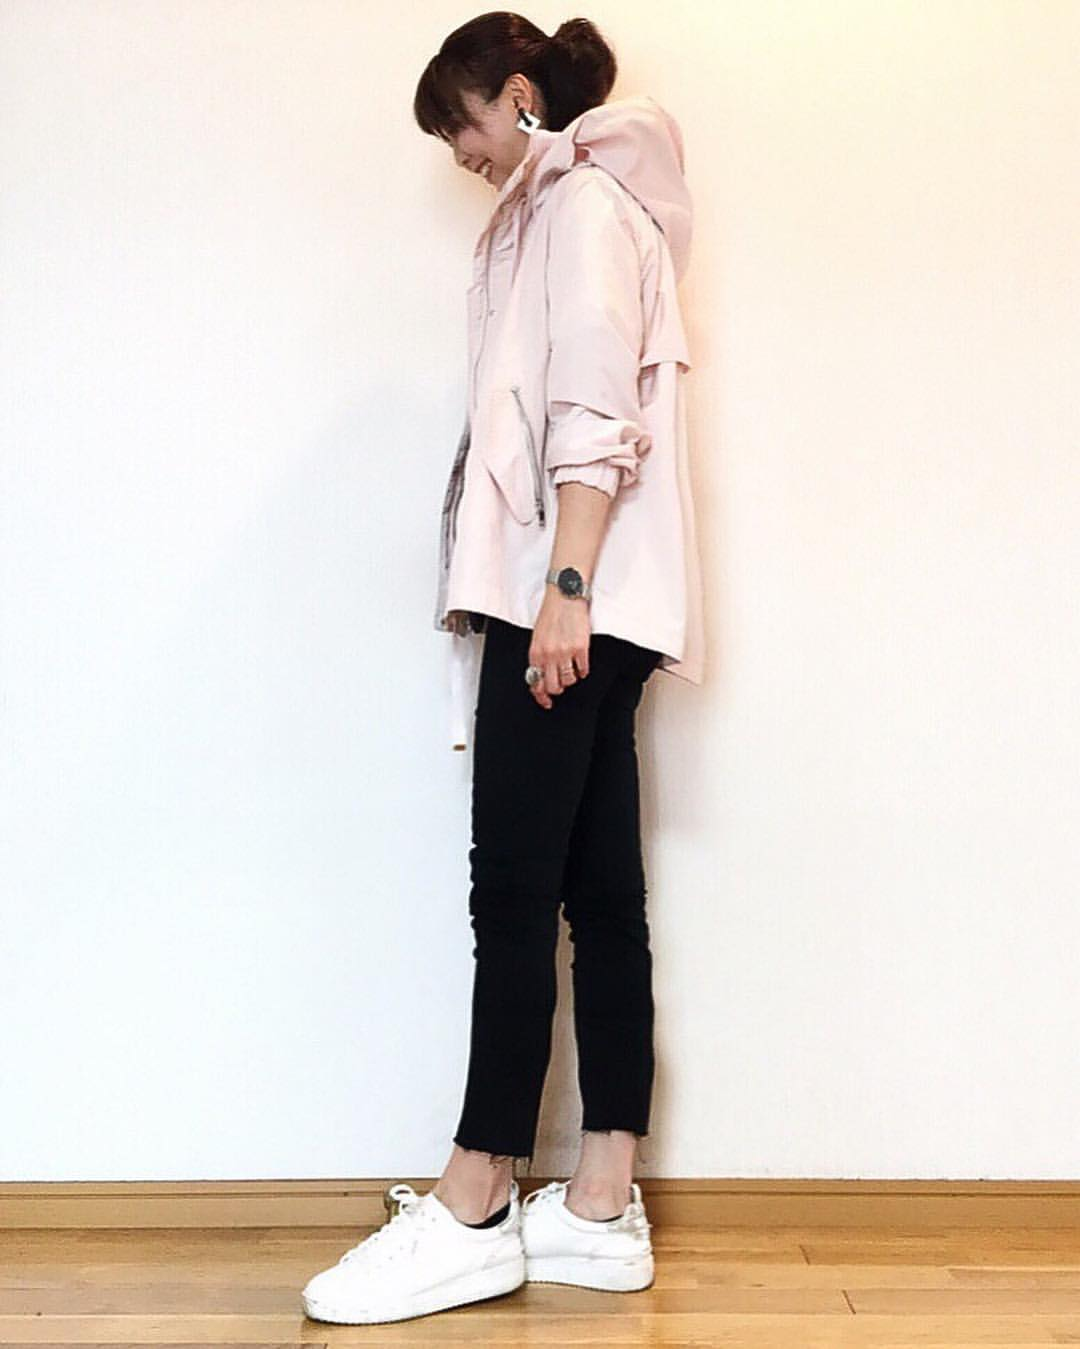 最高気温22度・最低気温15度 acmee.chiyoの服装